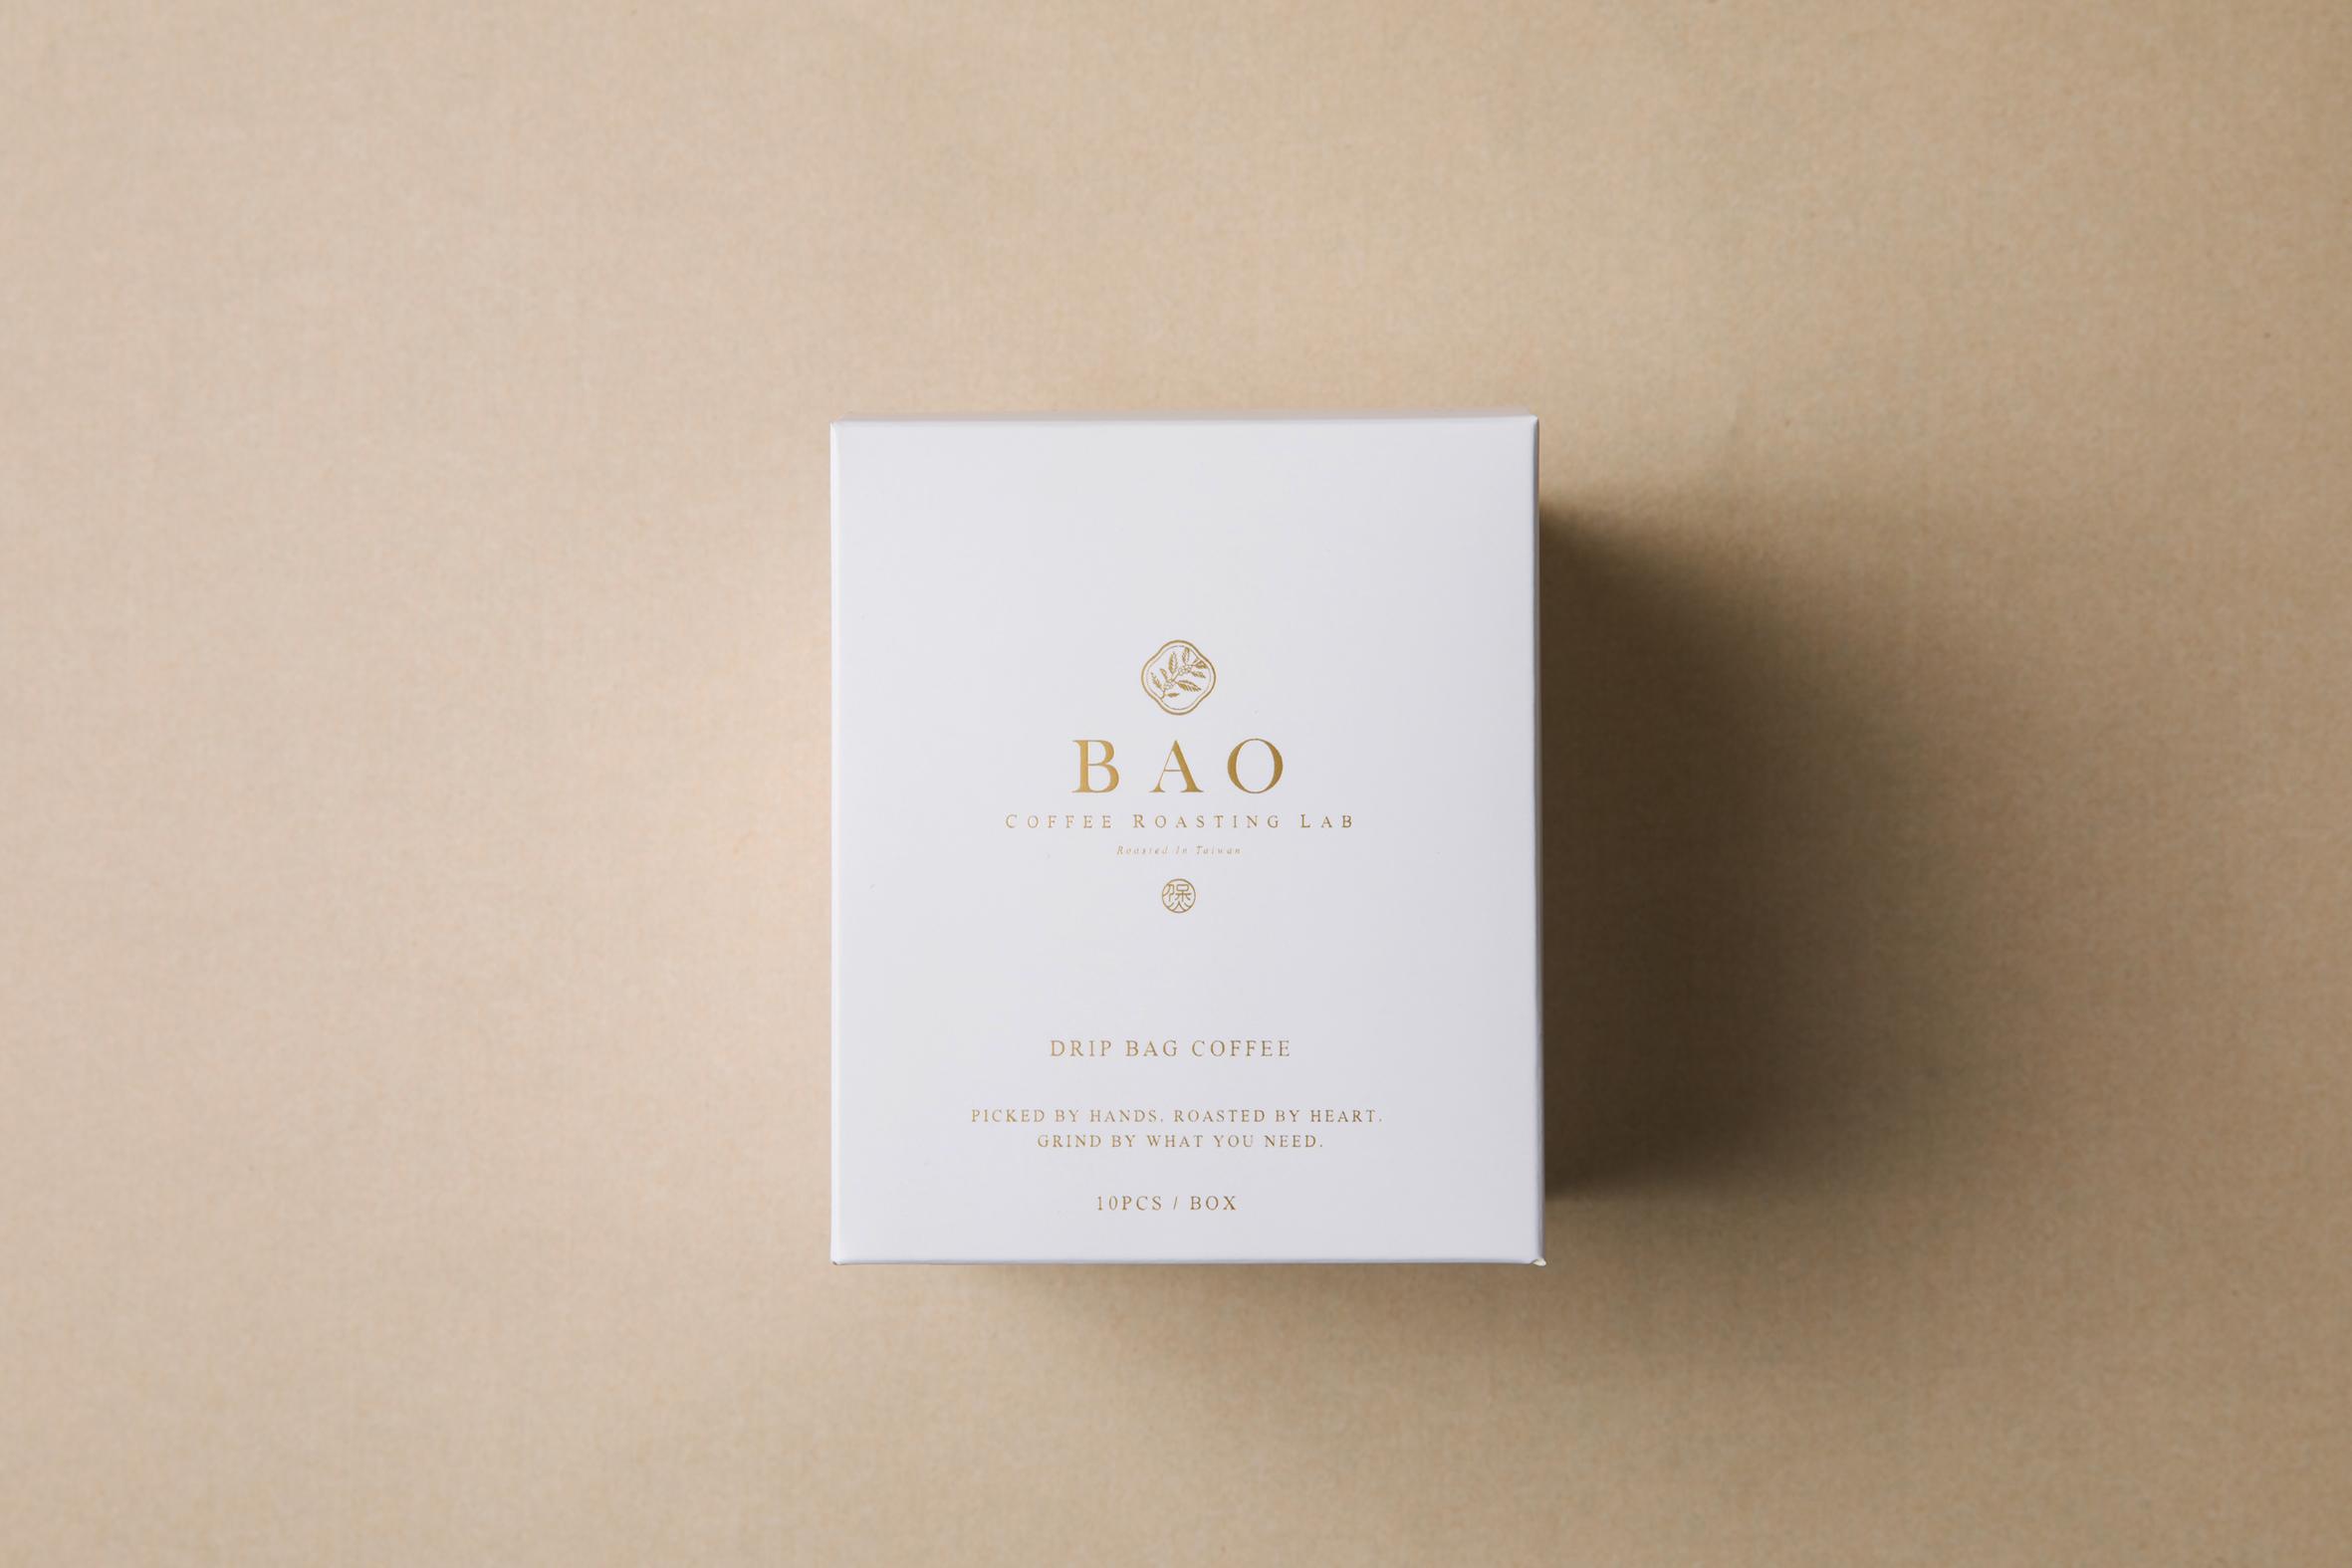 studiopros_Bao packaging_01.jpg